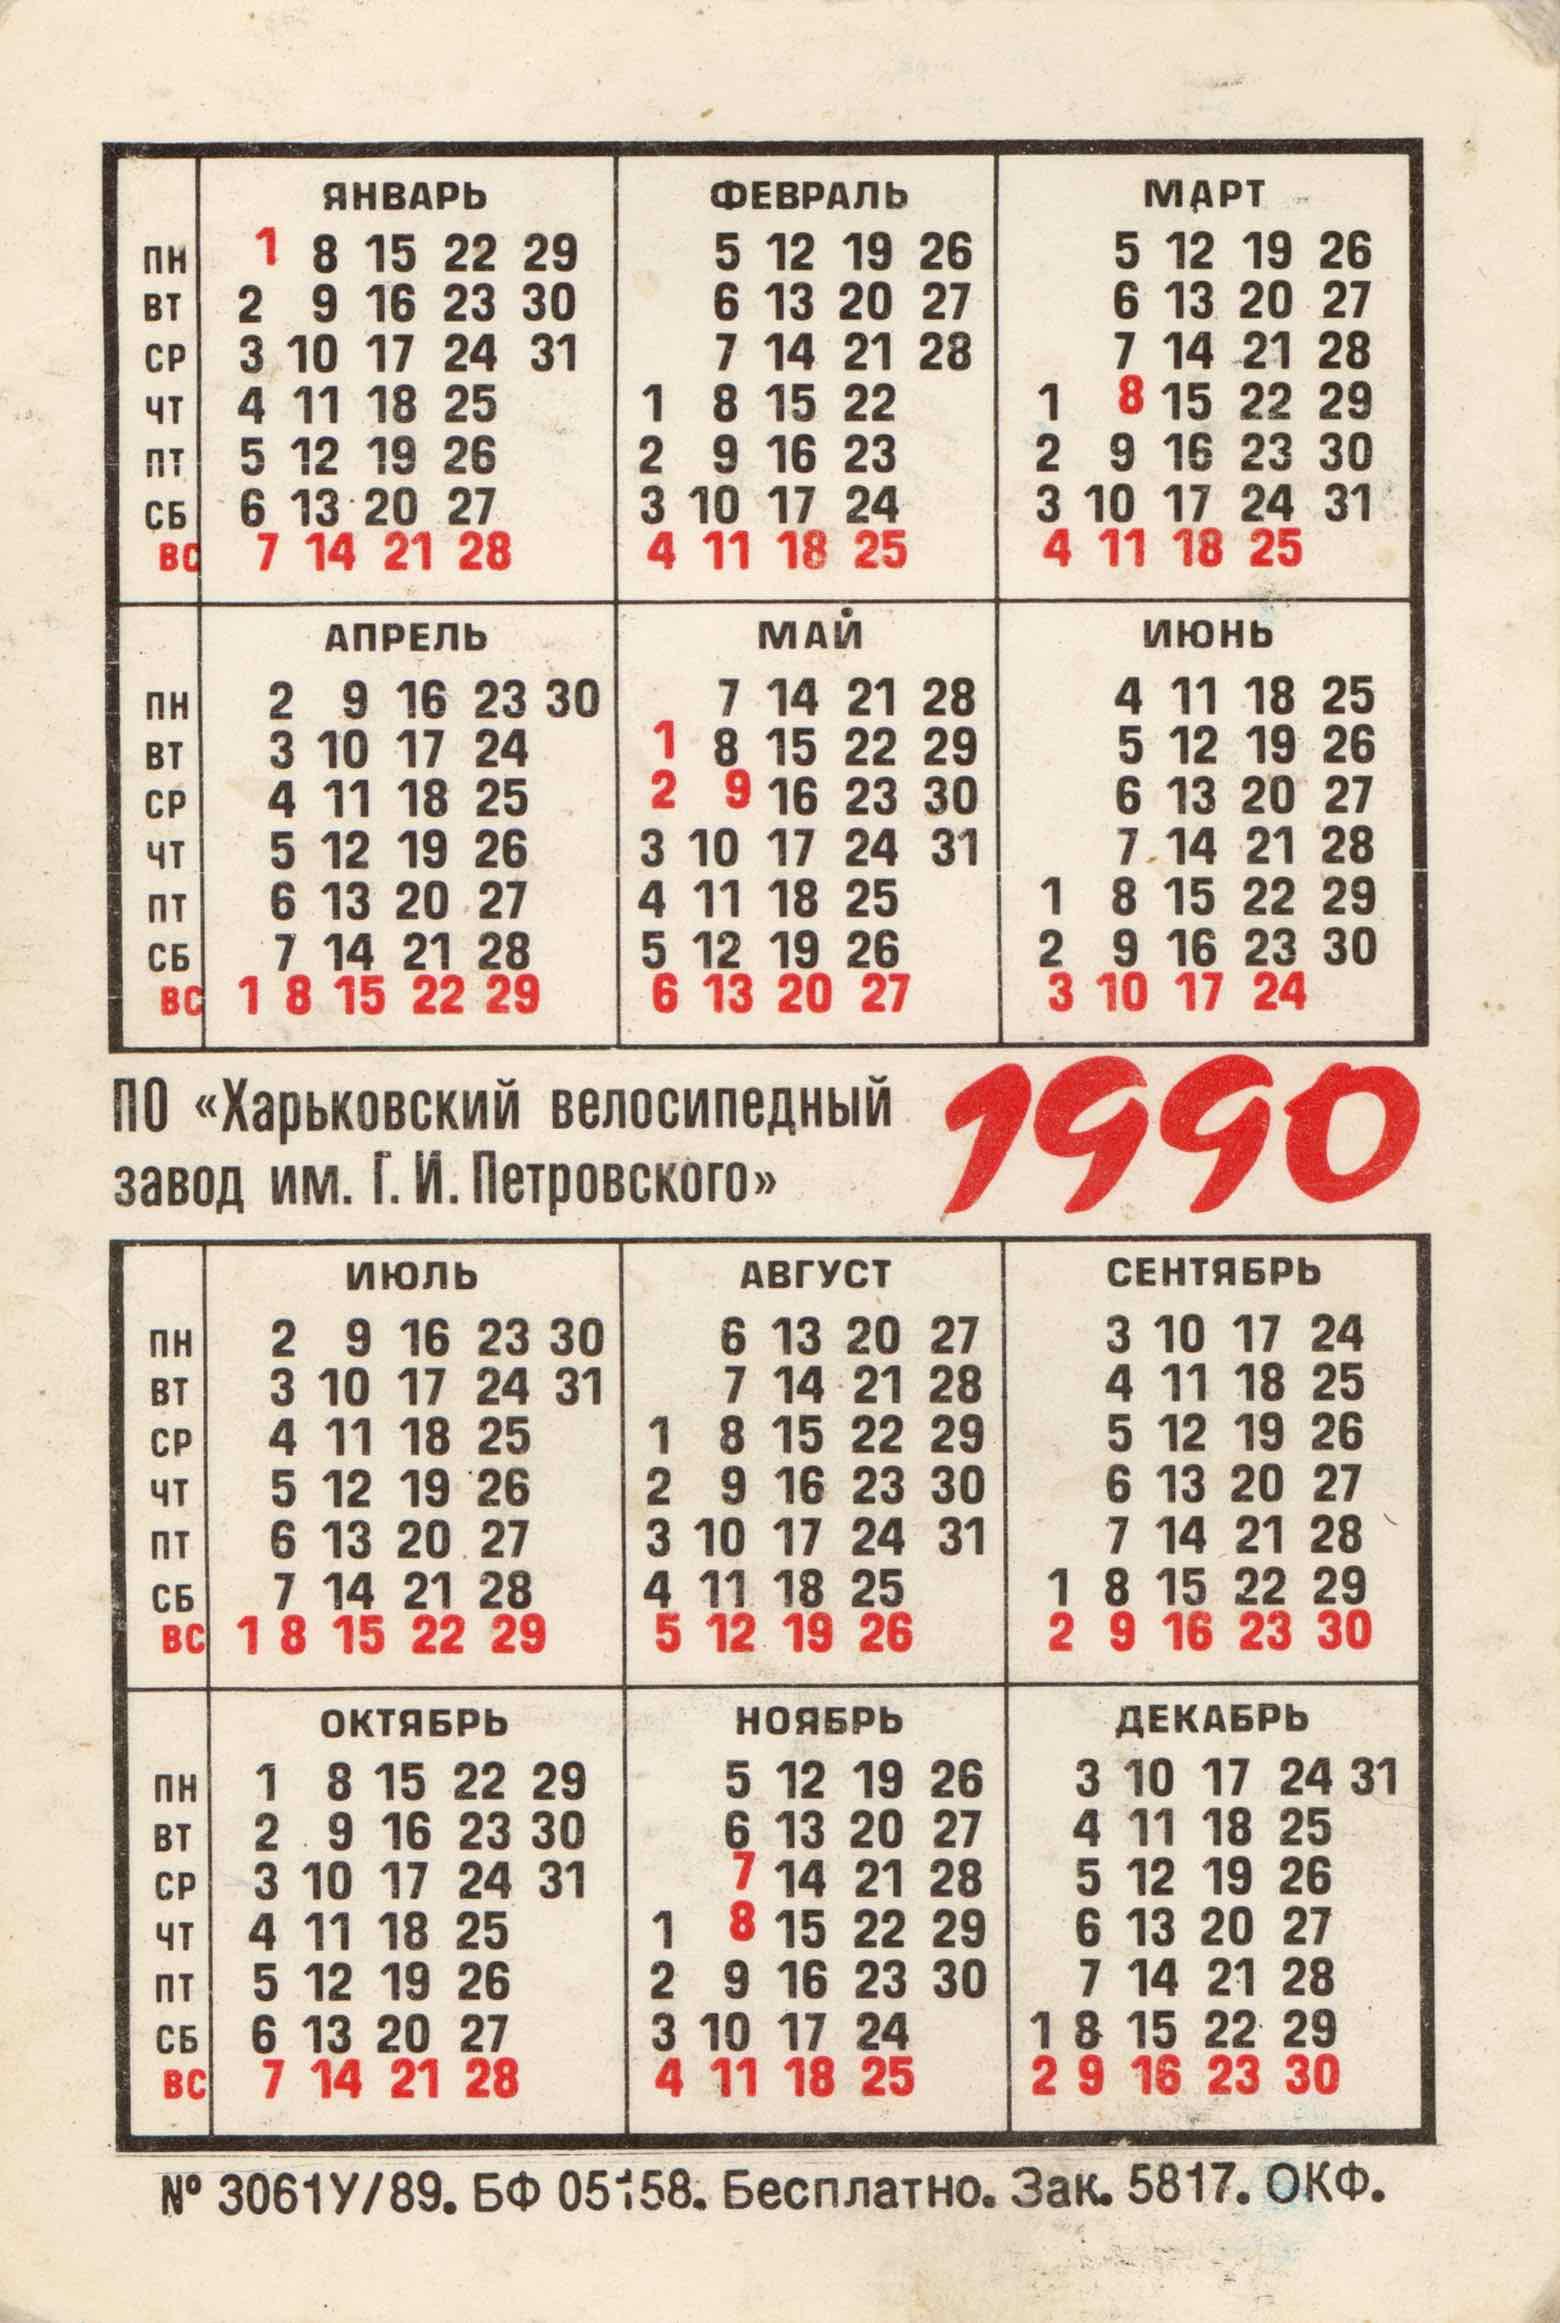 1990 Calendar.Kharkov Sport Calendar 1990 Scan 2